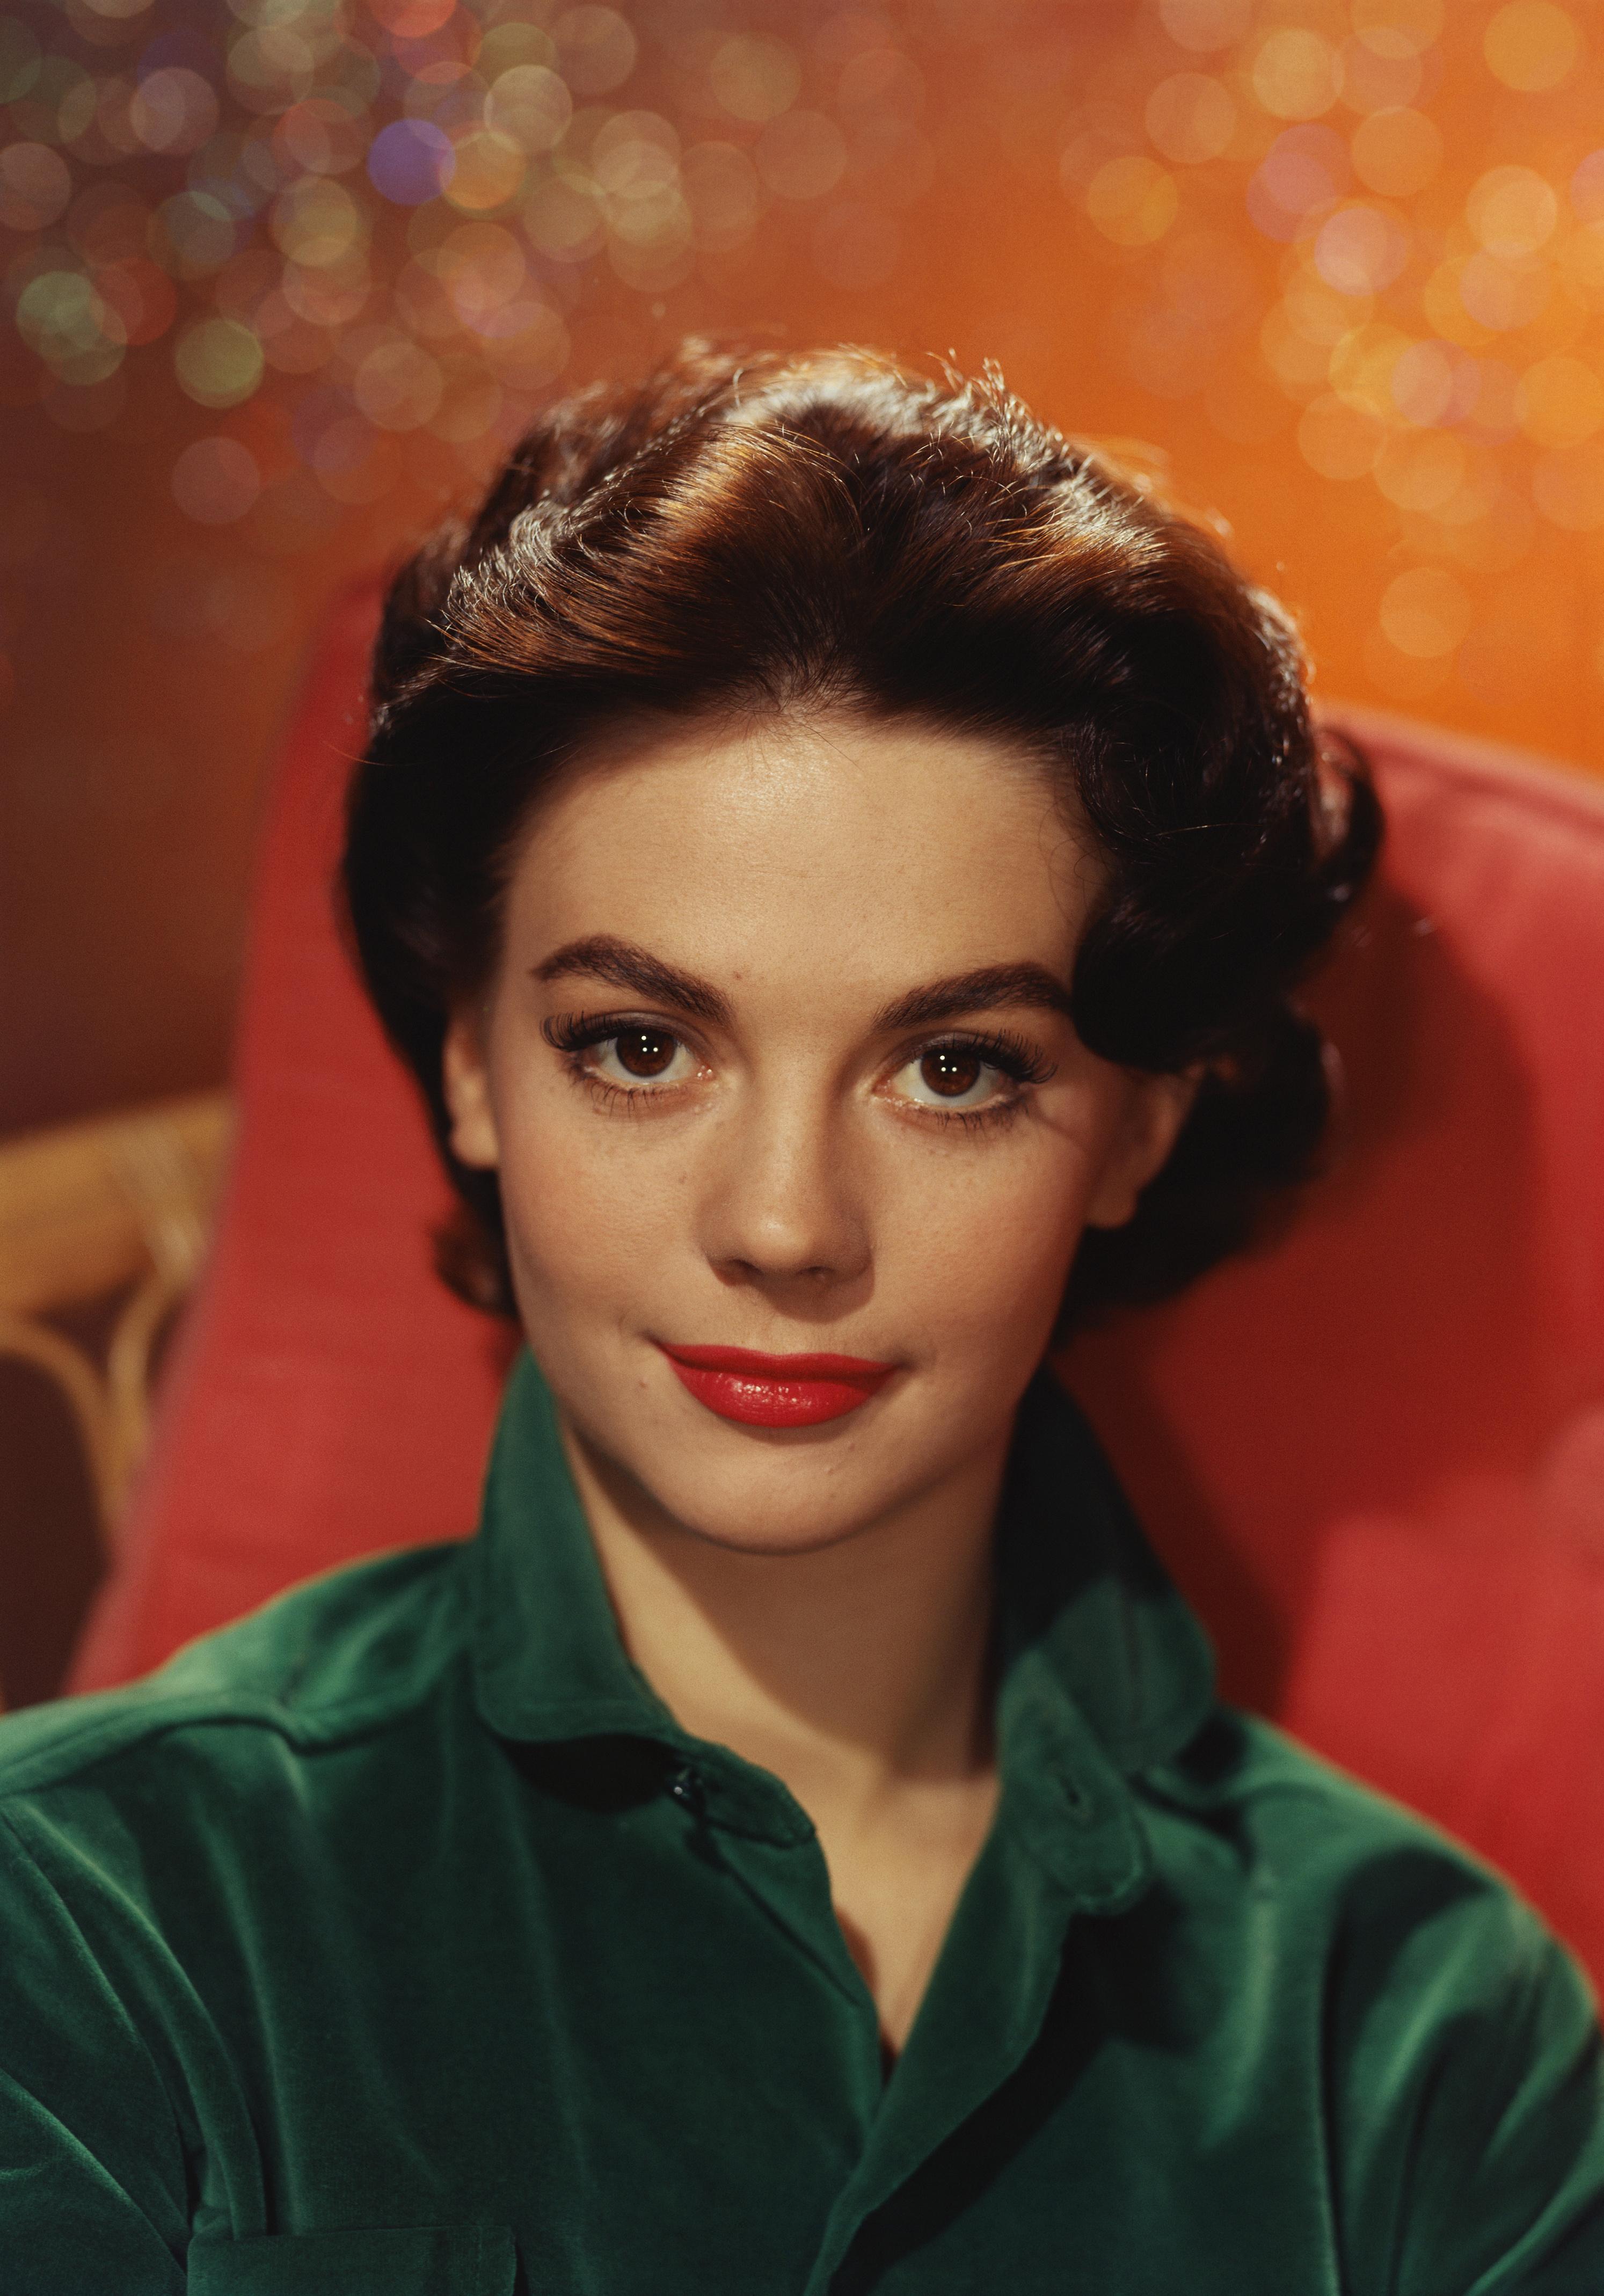 A hetedik helyet az amerikai színésznő, Natalie Wood kapta. 1938-ban született, egyik leghíresebb filmje a Csoda a 34. utcában volt 1981-ben. Akkoriban sem csak tehetségét, hanem szépségét is csodálták. 43 évesen hunyt el.